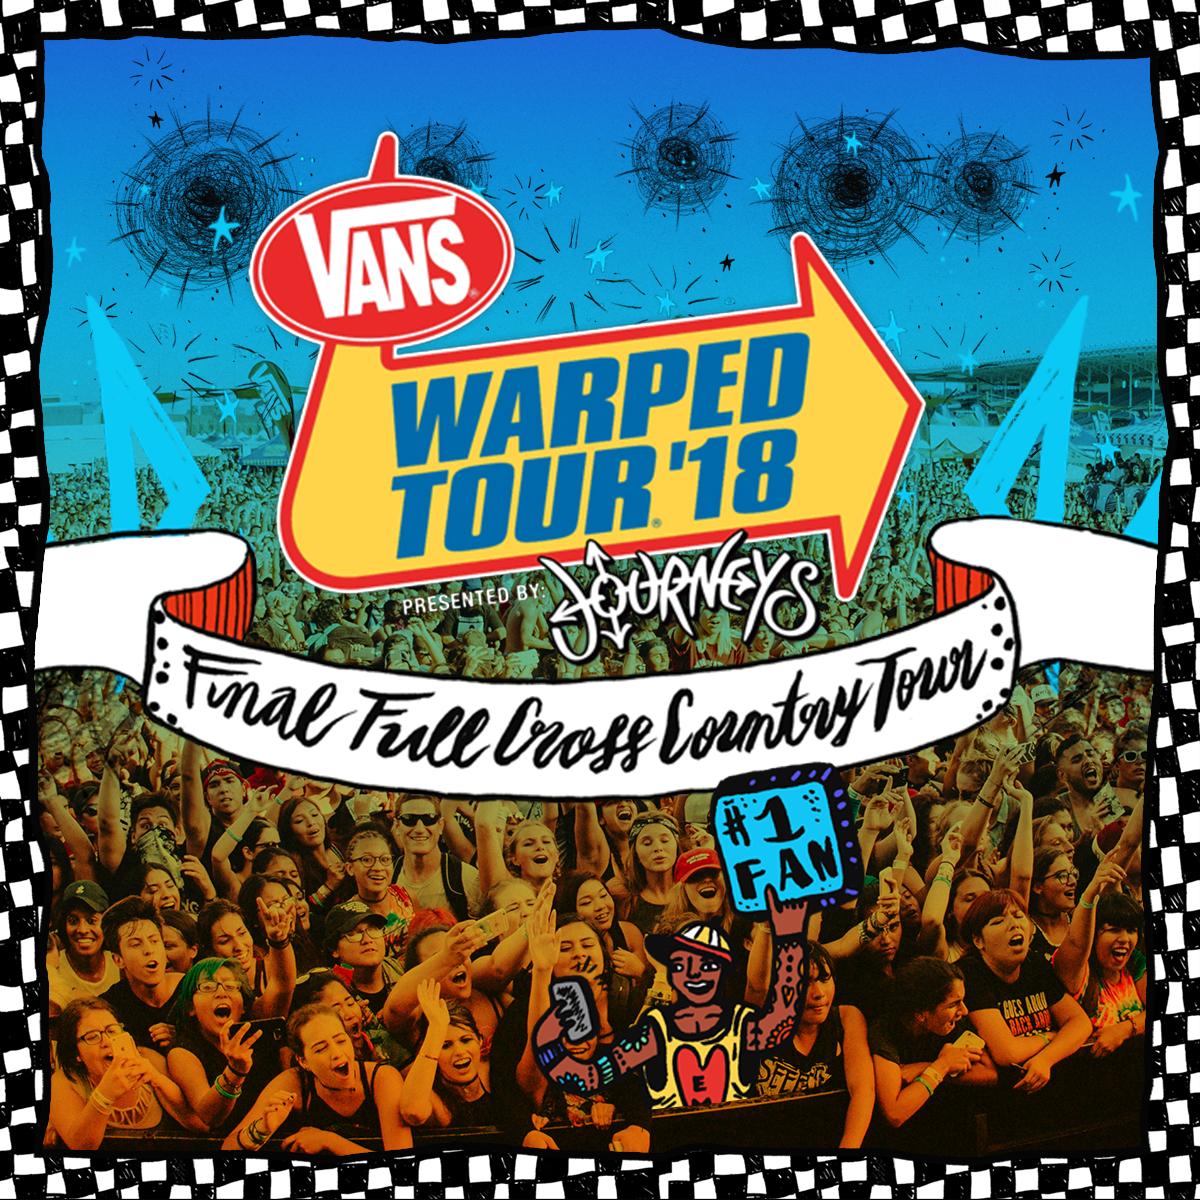 Warped_profile-image_04-1.jpg